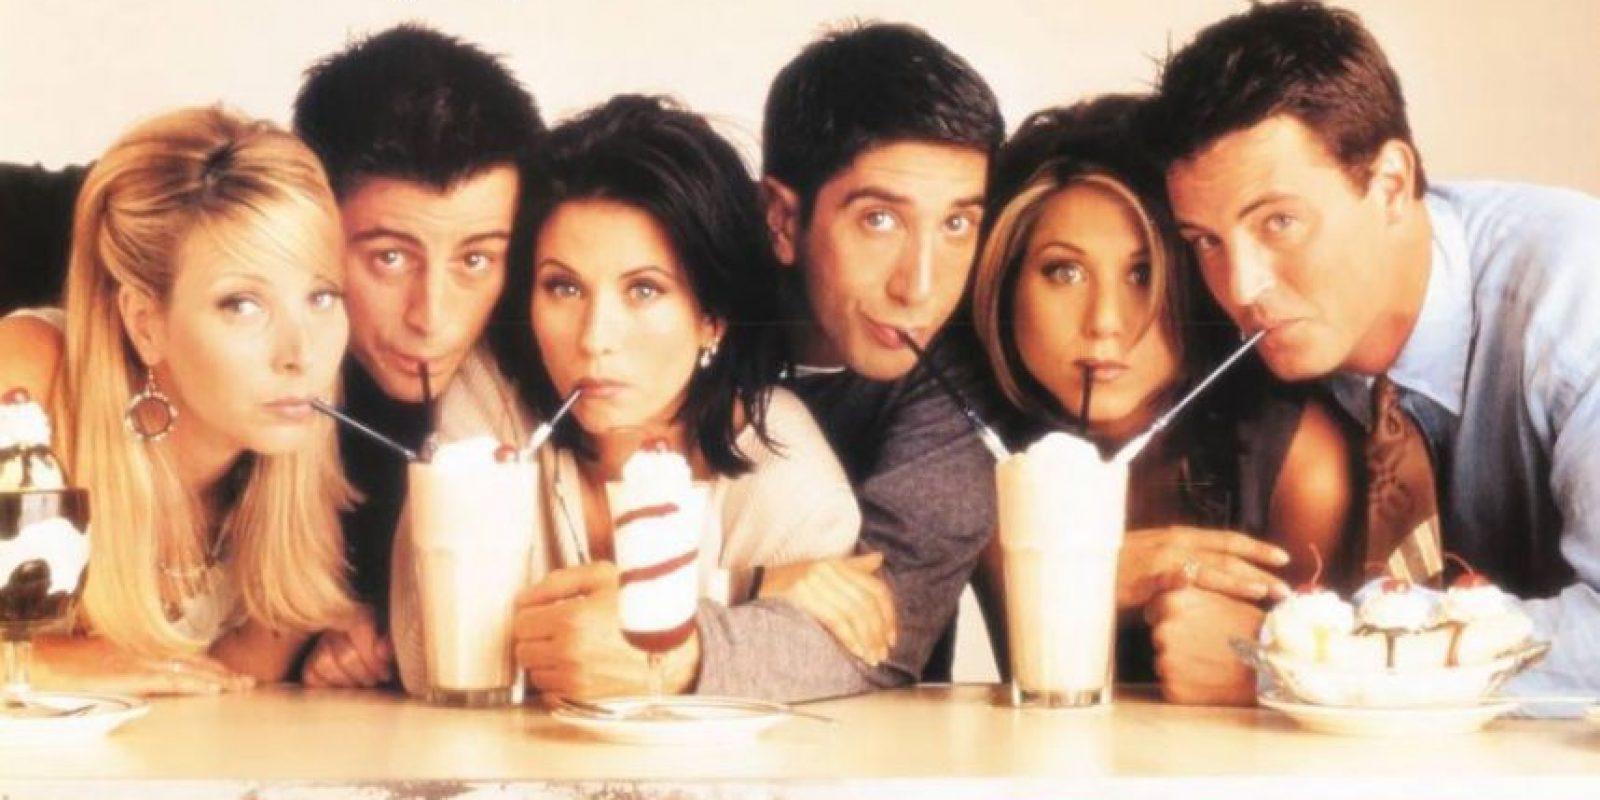 Como no olvidarse de 'Friends', esos 6 amigos que cautivaron a medio mundo en los años 90, con sus andanzas en Nueva York. Foto:Warner